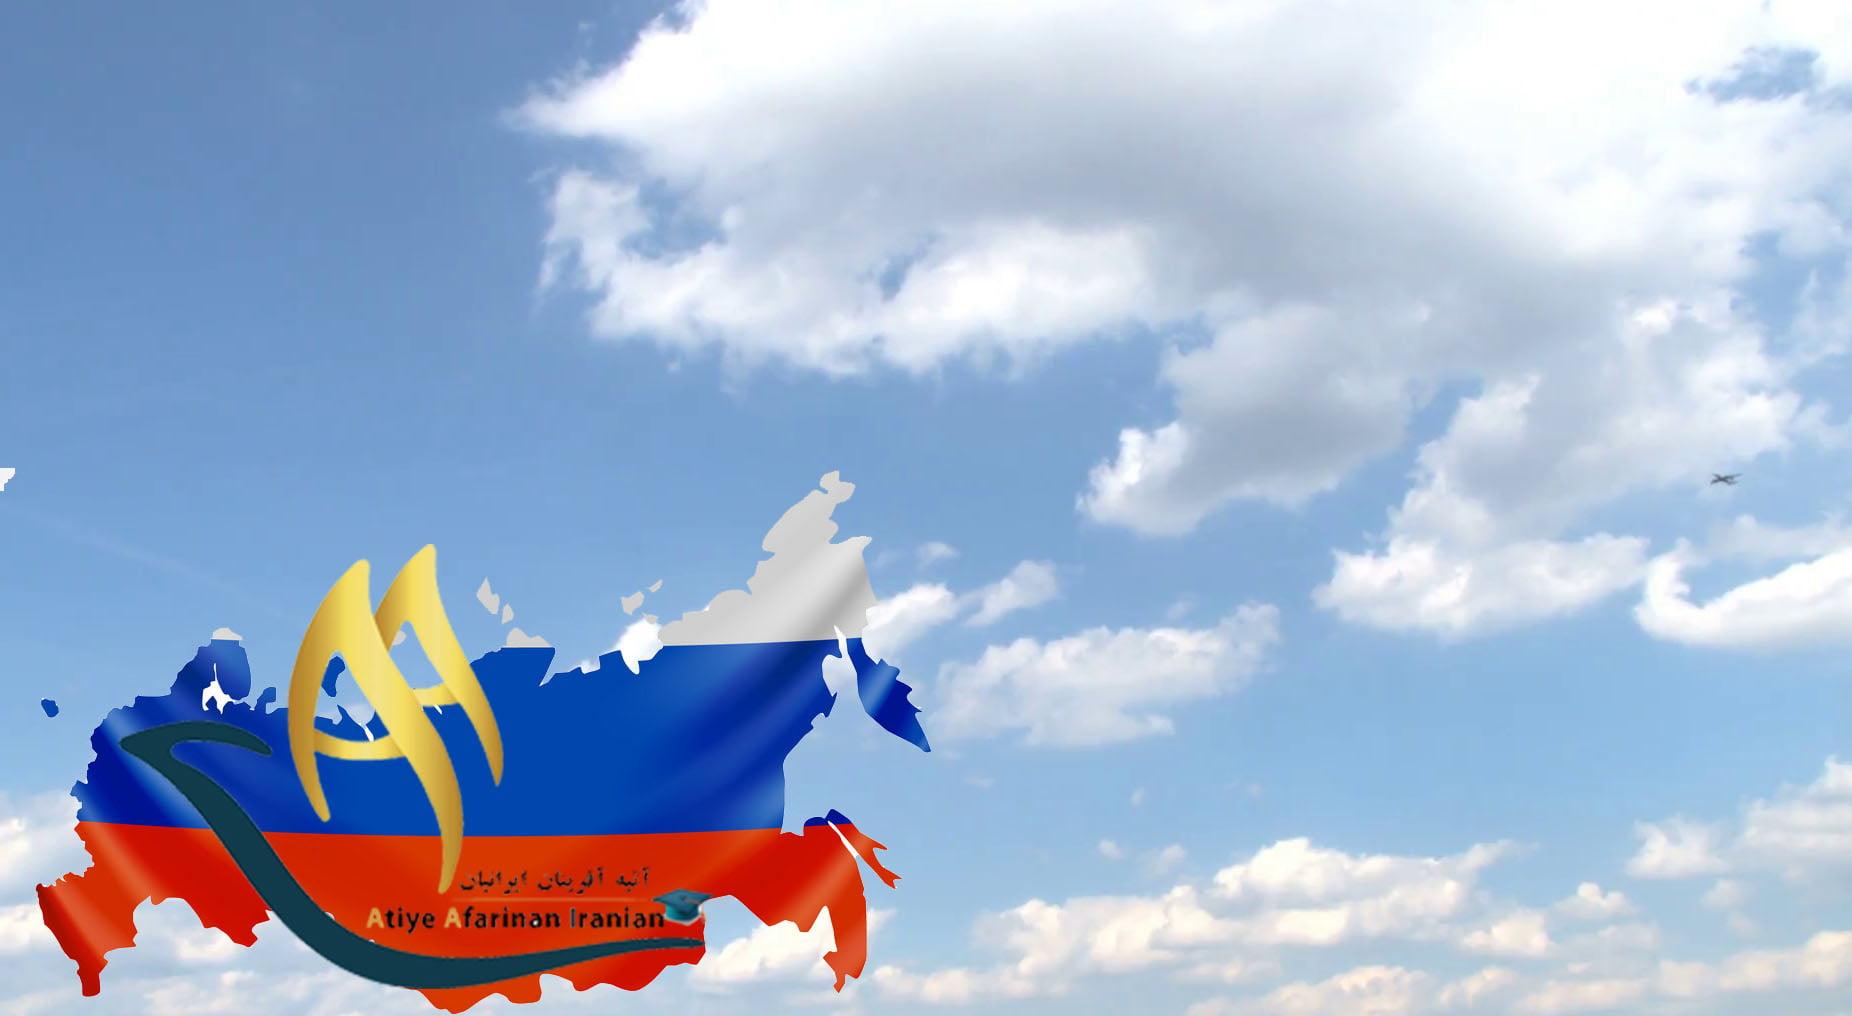 آب و هوای کشور روسیه